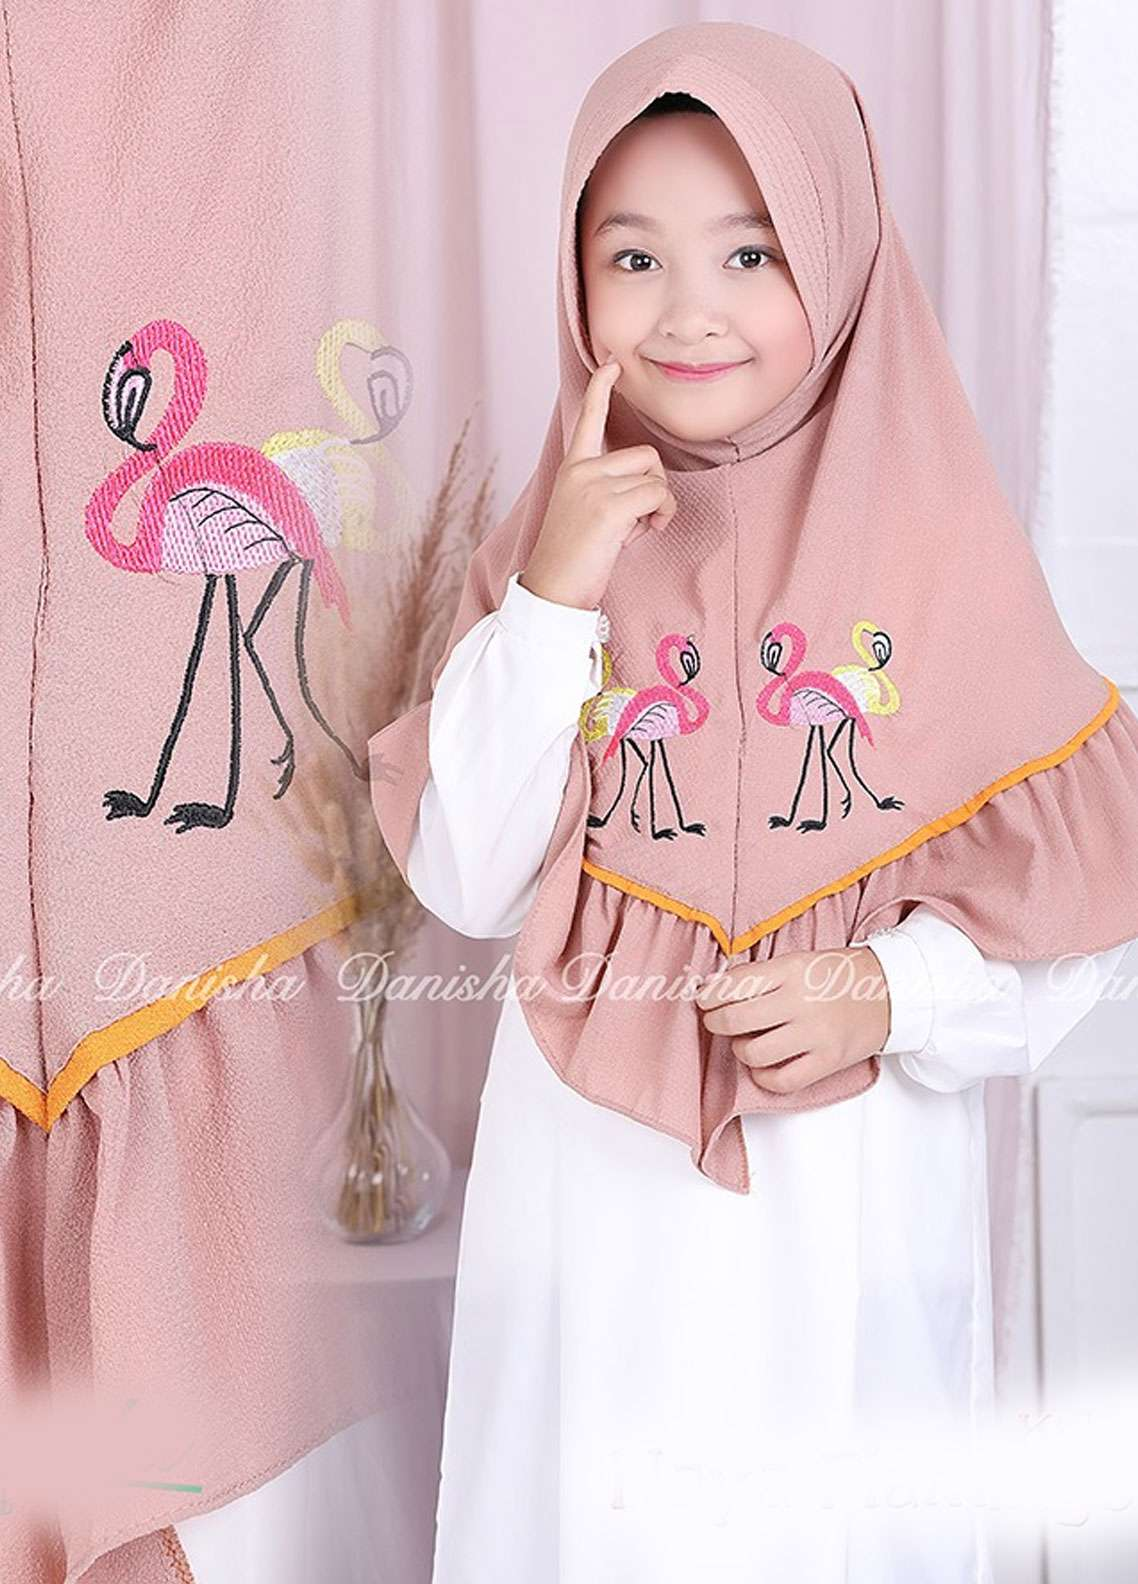 Danisha | Style of Hijab  Bubble Pop  Girls Scarves HH Danisha Flamingo 03 Mocca